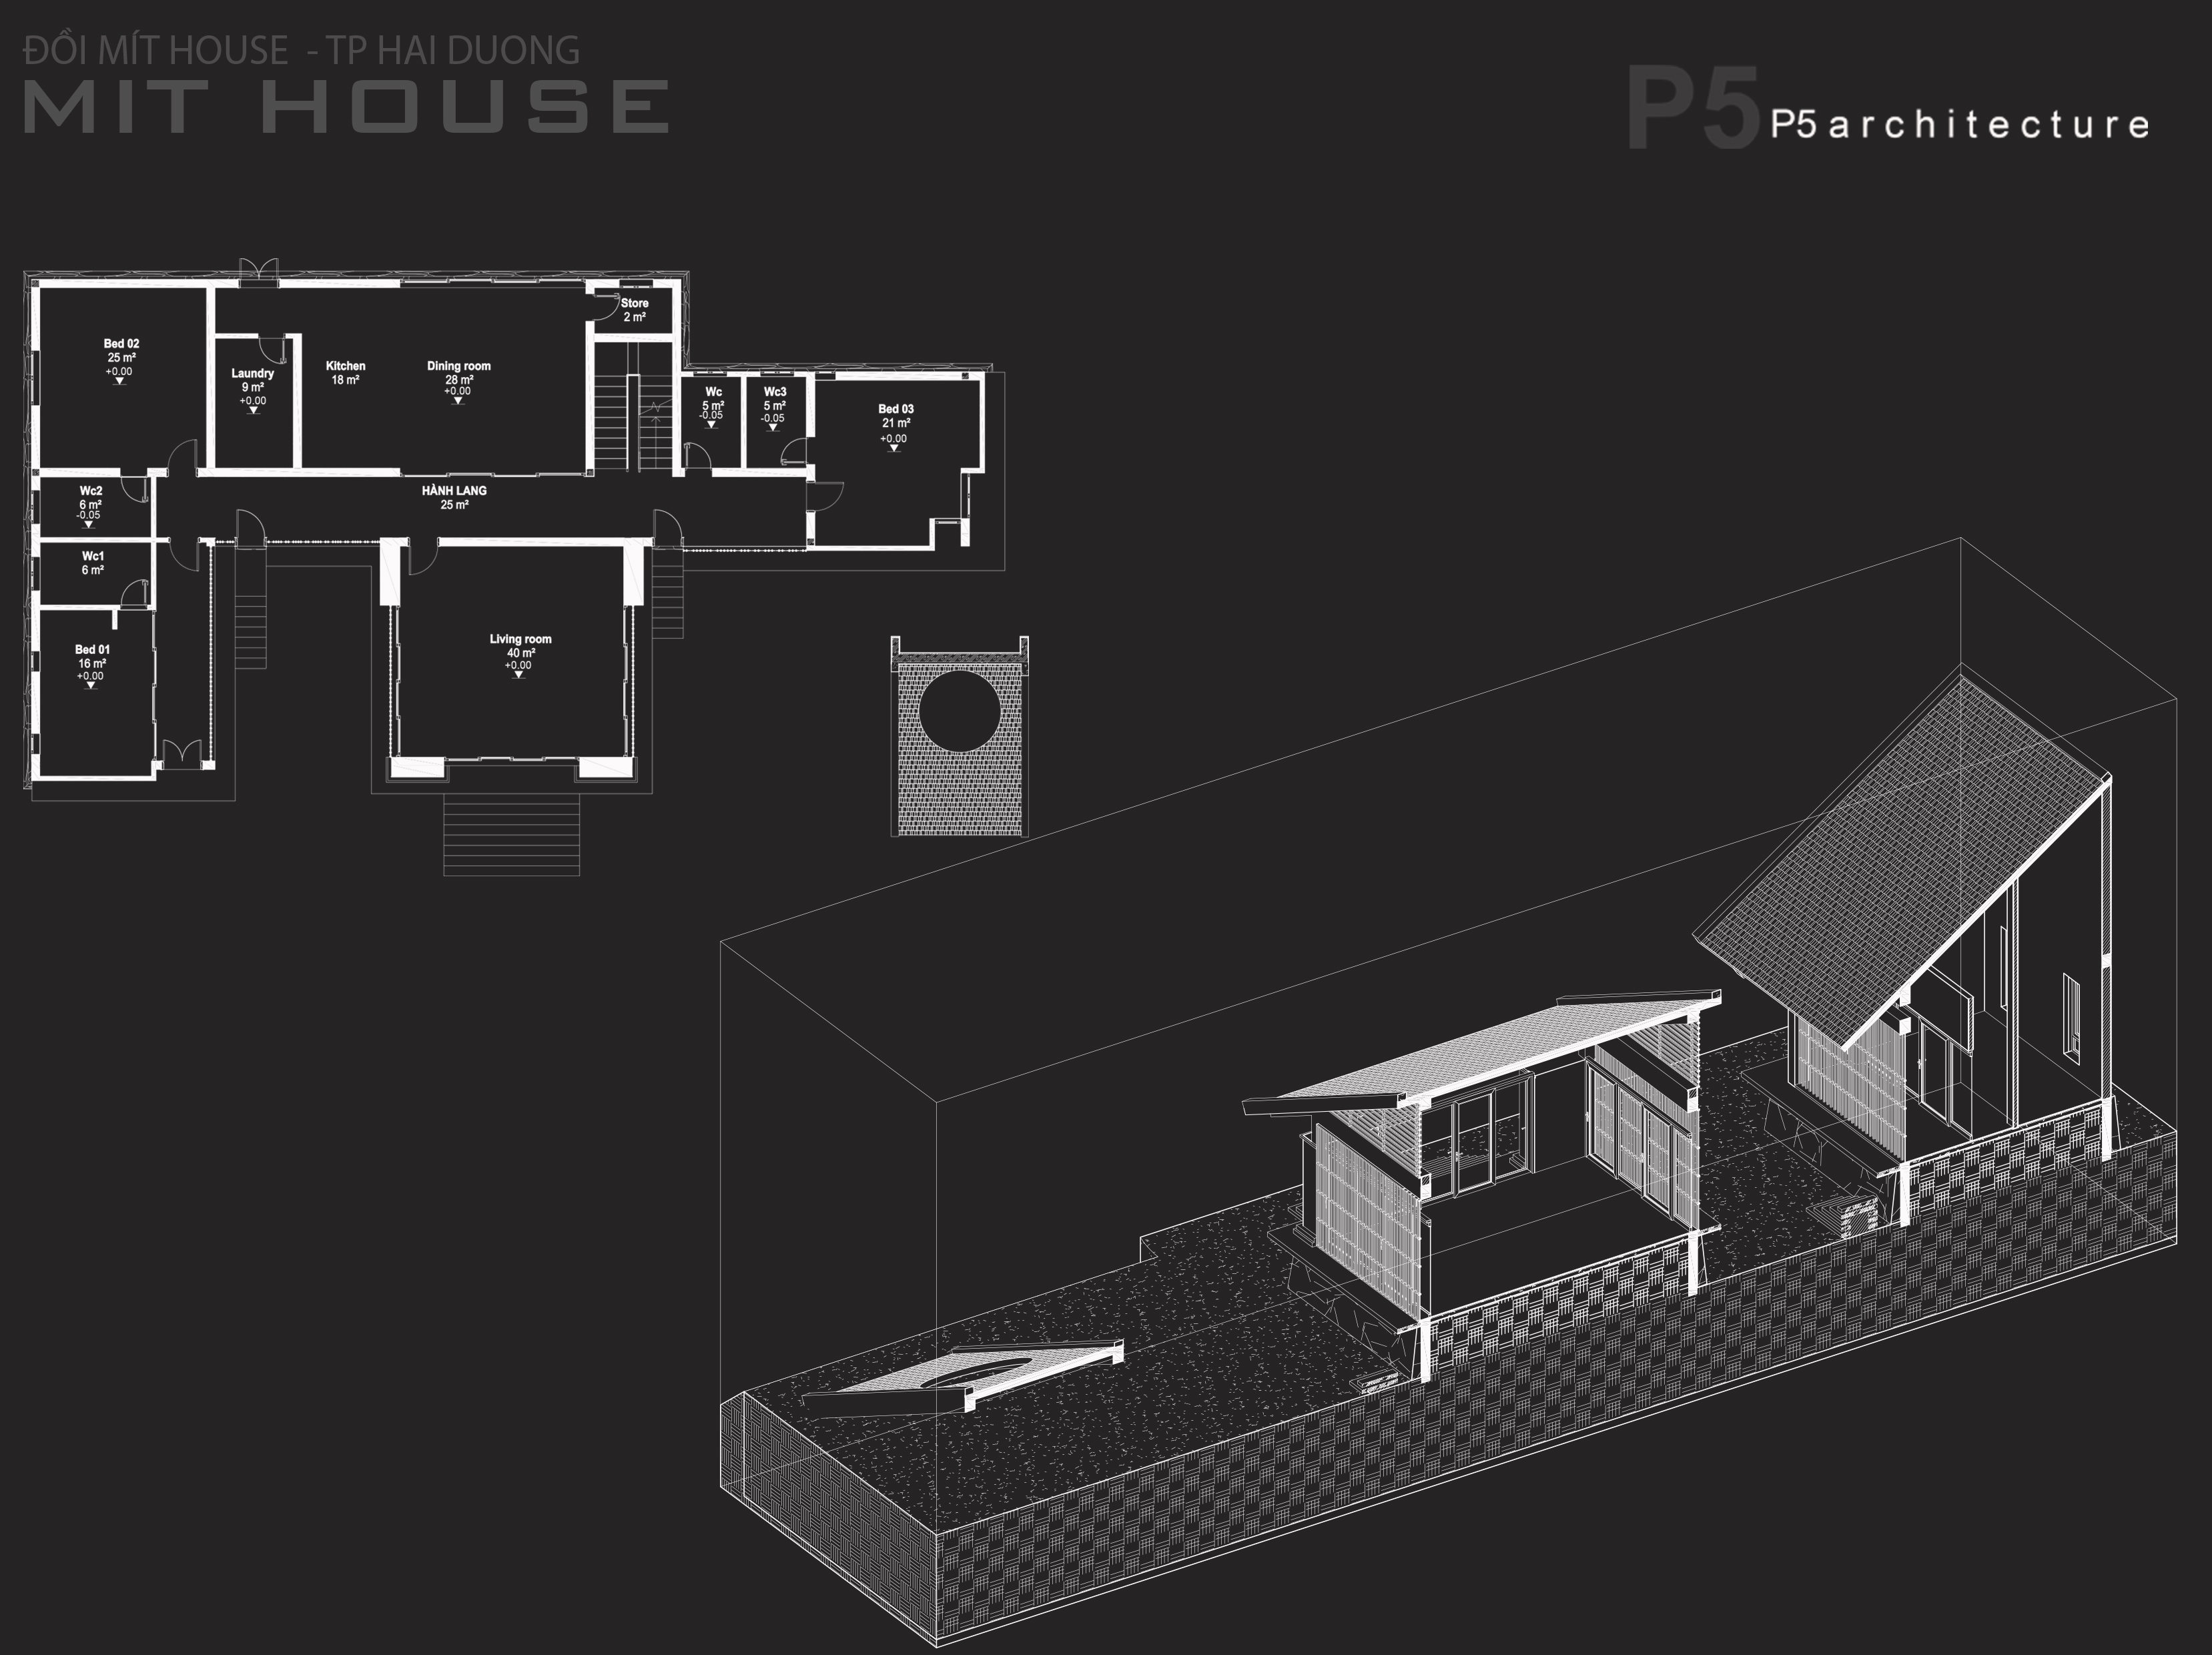 Thiết kế Nhà tại Hải Dương MIT HOUSE 1592840191 1